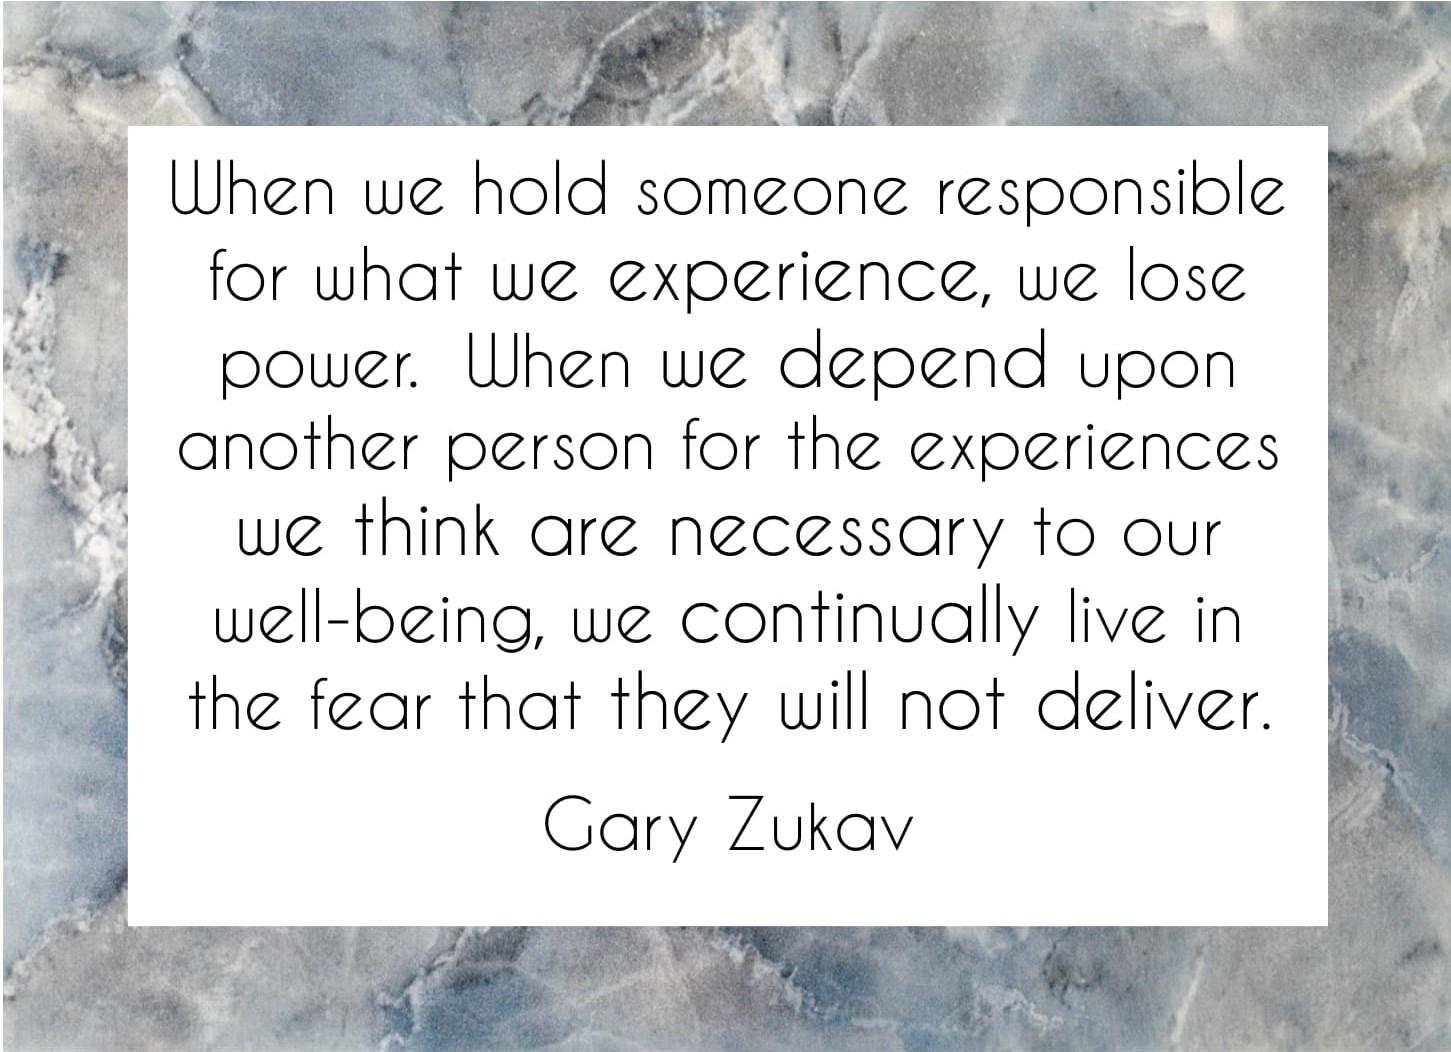 When we hold someone responsible Gary Zukav quote